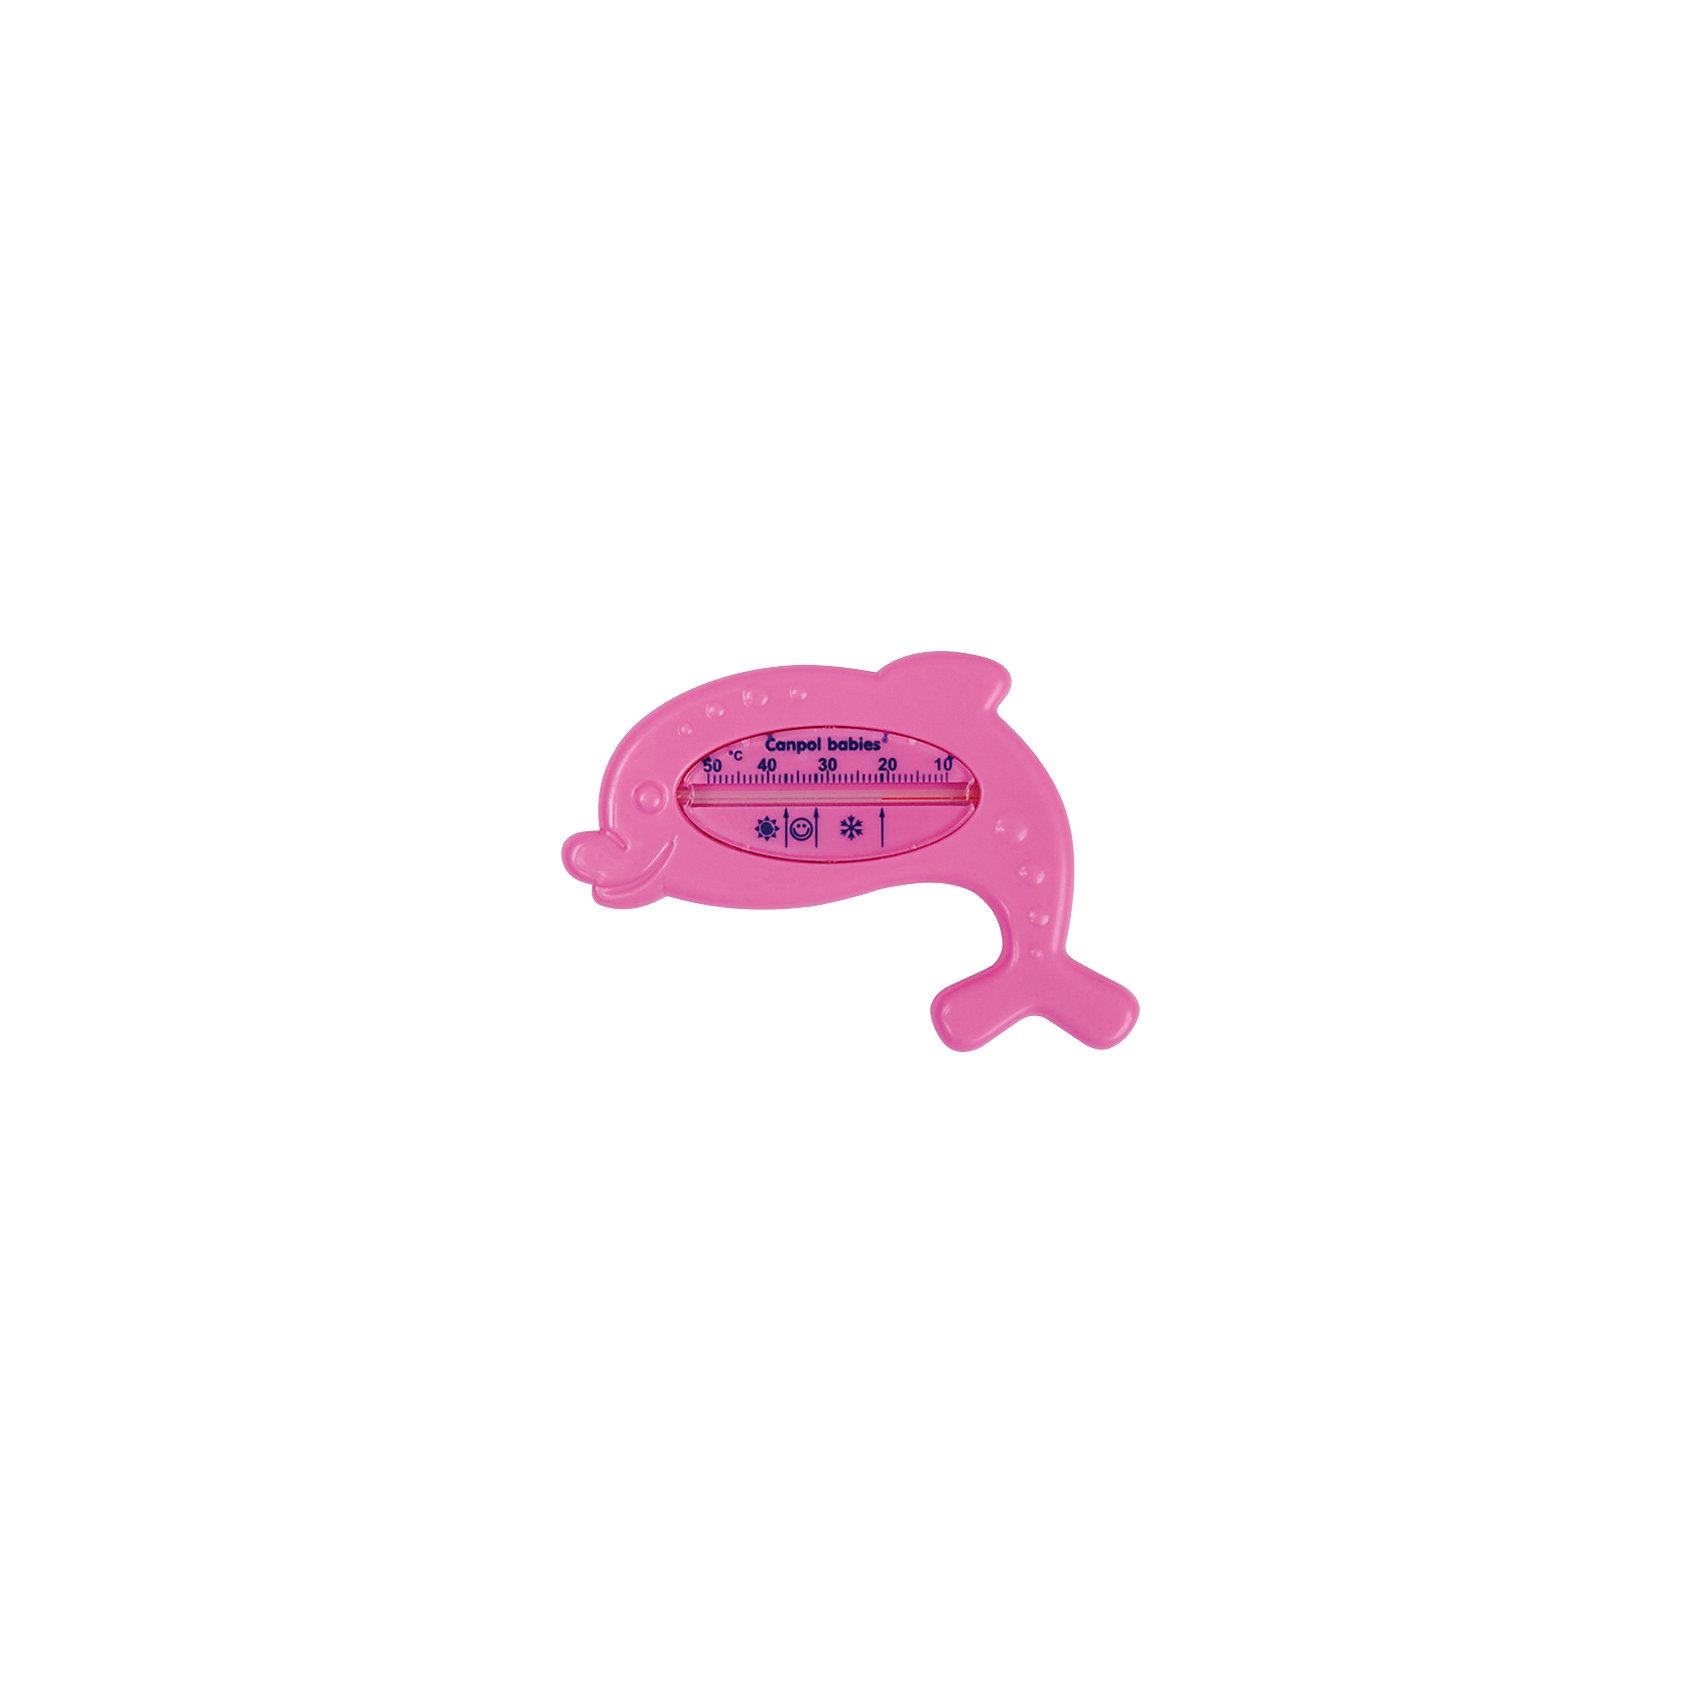 Термометр для воды Дельфин, Canpol Babies, в ассортименте